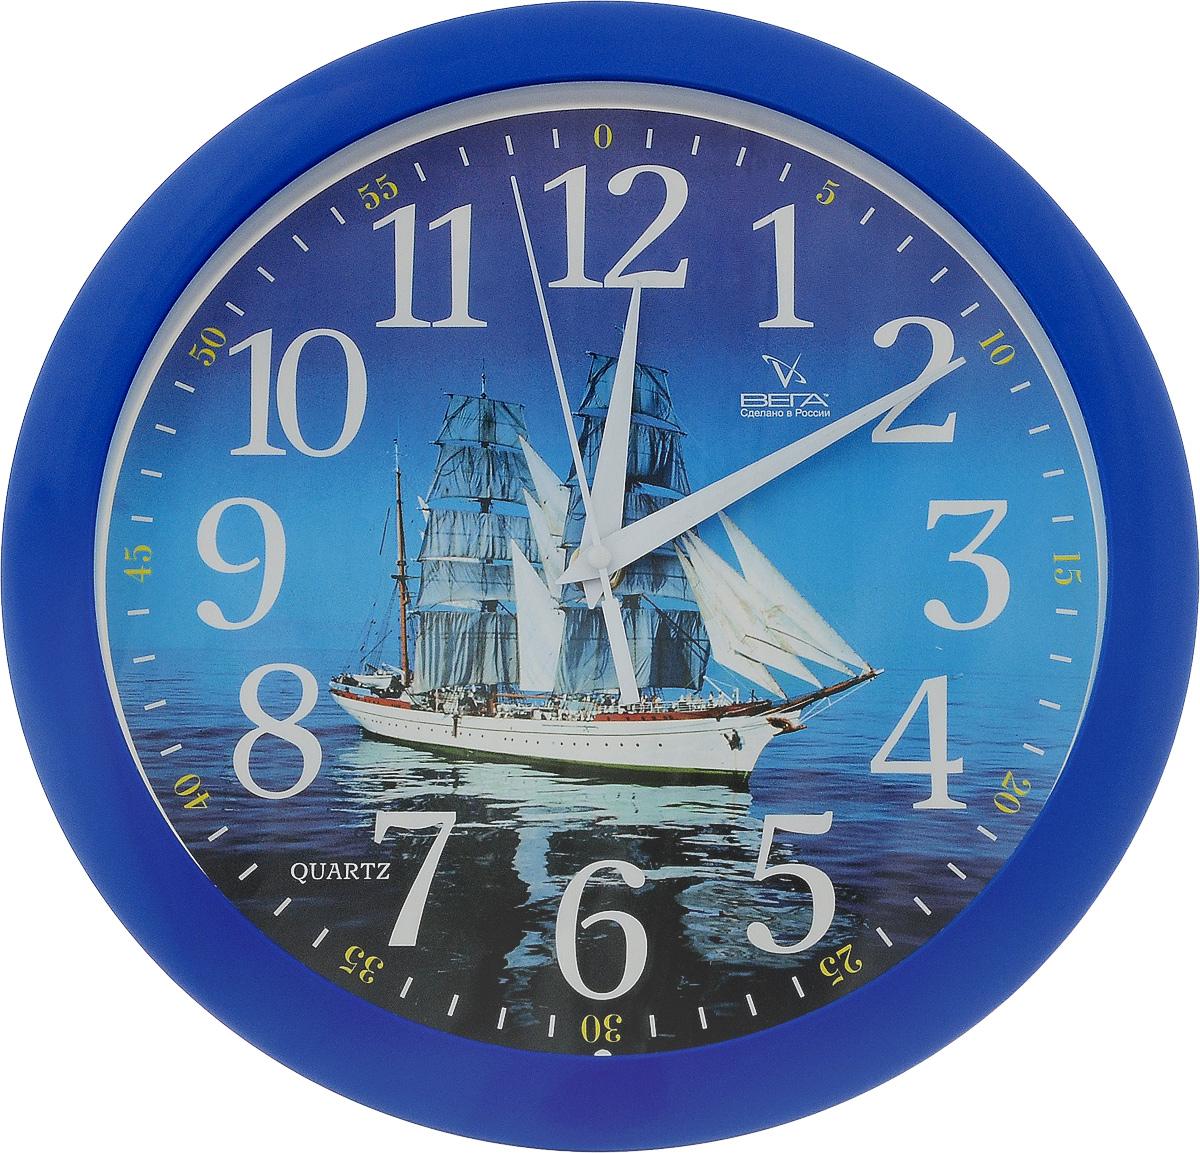 Часы настенные Вега Корабль, диаметр 28,5 смП1-10/7-39Настенные кварцевые часы Вега Корабль, изготовленные из пластика, прекрасно впишутся в интерьер вашего дома. Циферблат, оформленных изображением корабля, имеет отметки, арабские цифры и три стрелки - часовую, минутную и секундную. Защищен циферблат прозрачным пластиком. Часы работают от 1 батарейки типа АА с напряжением 1,5 В (не входит в комплект).Диаметр часов: 28,5 см.